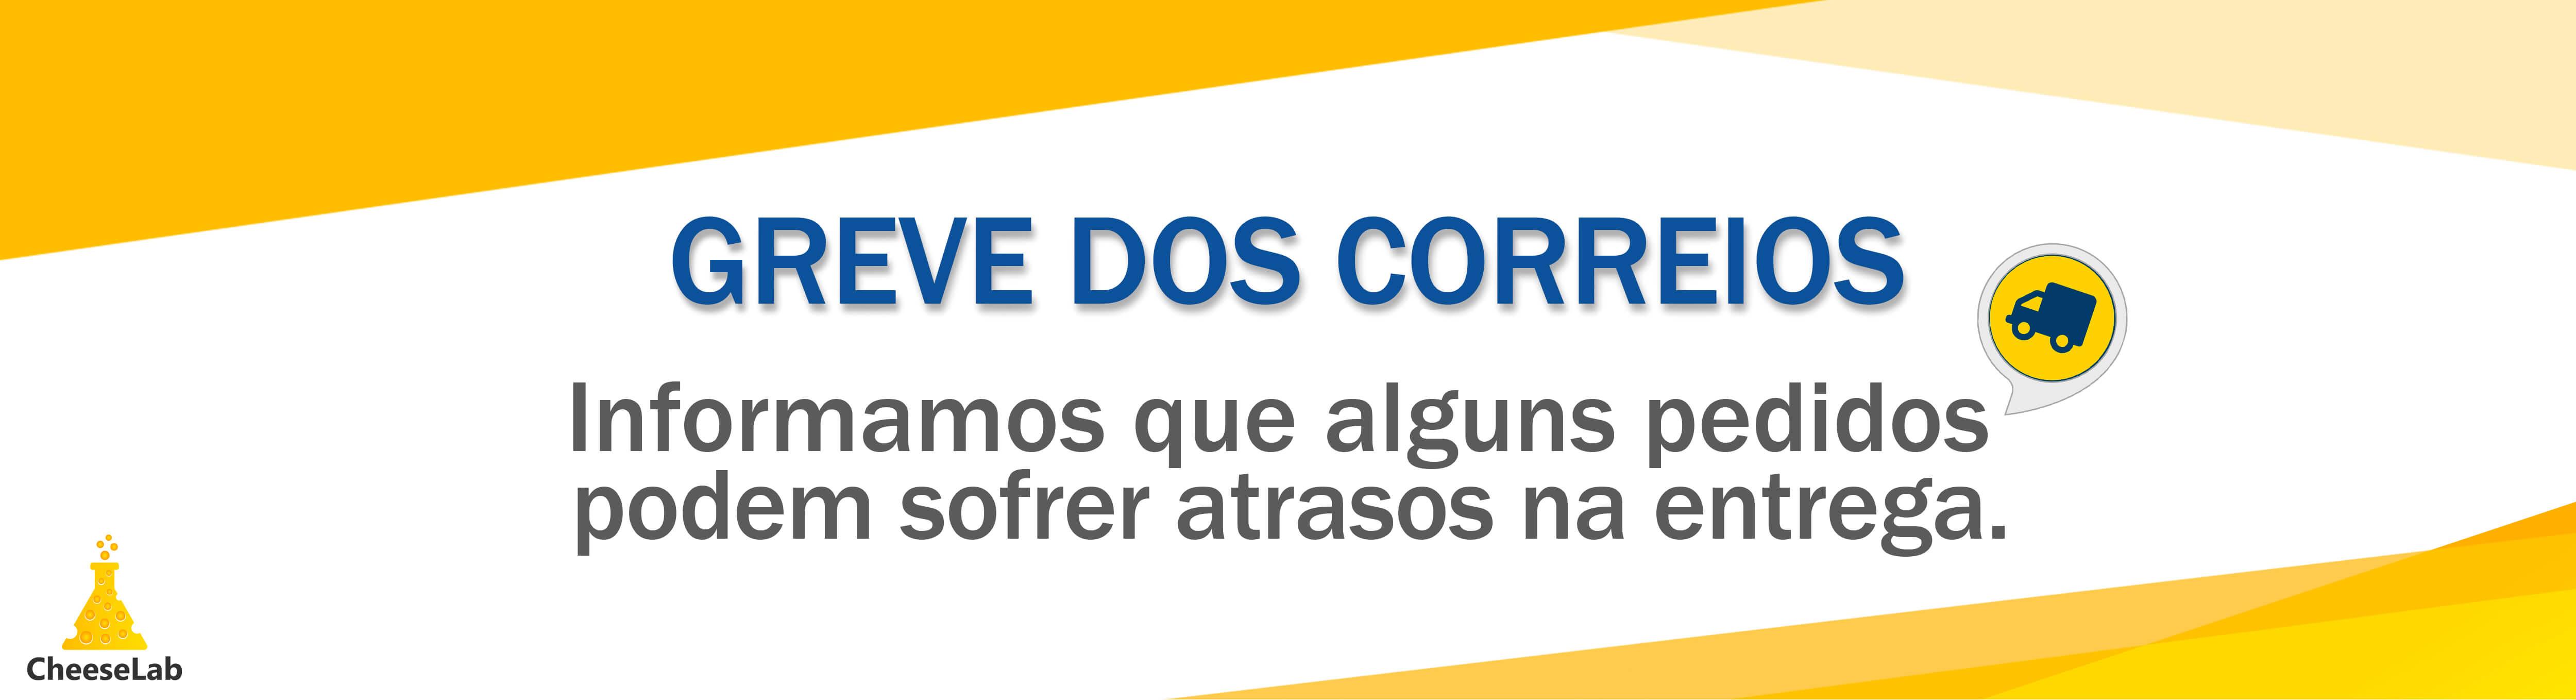 Greve_correios